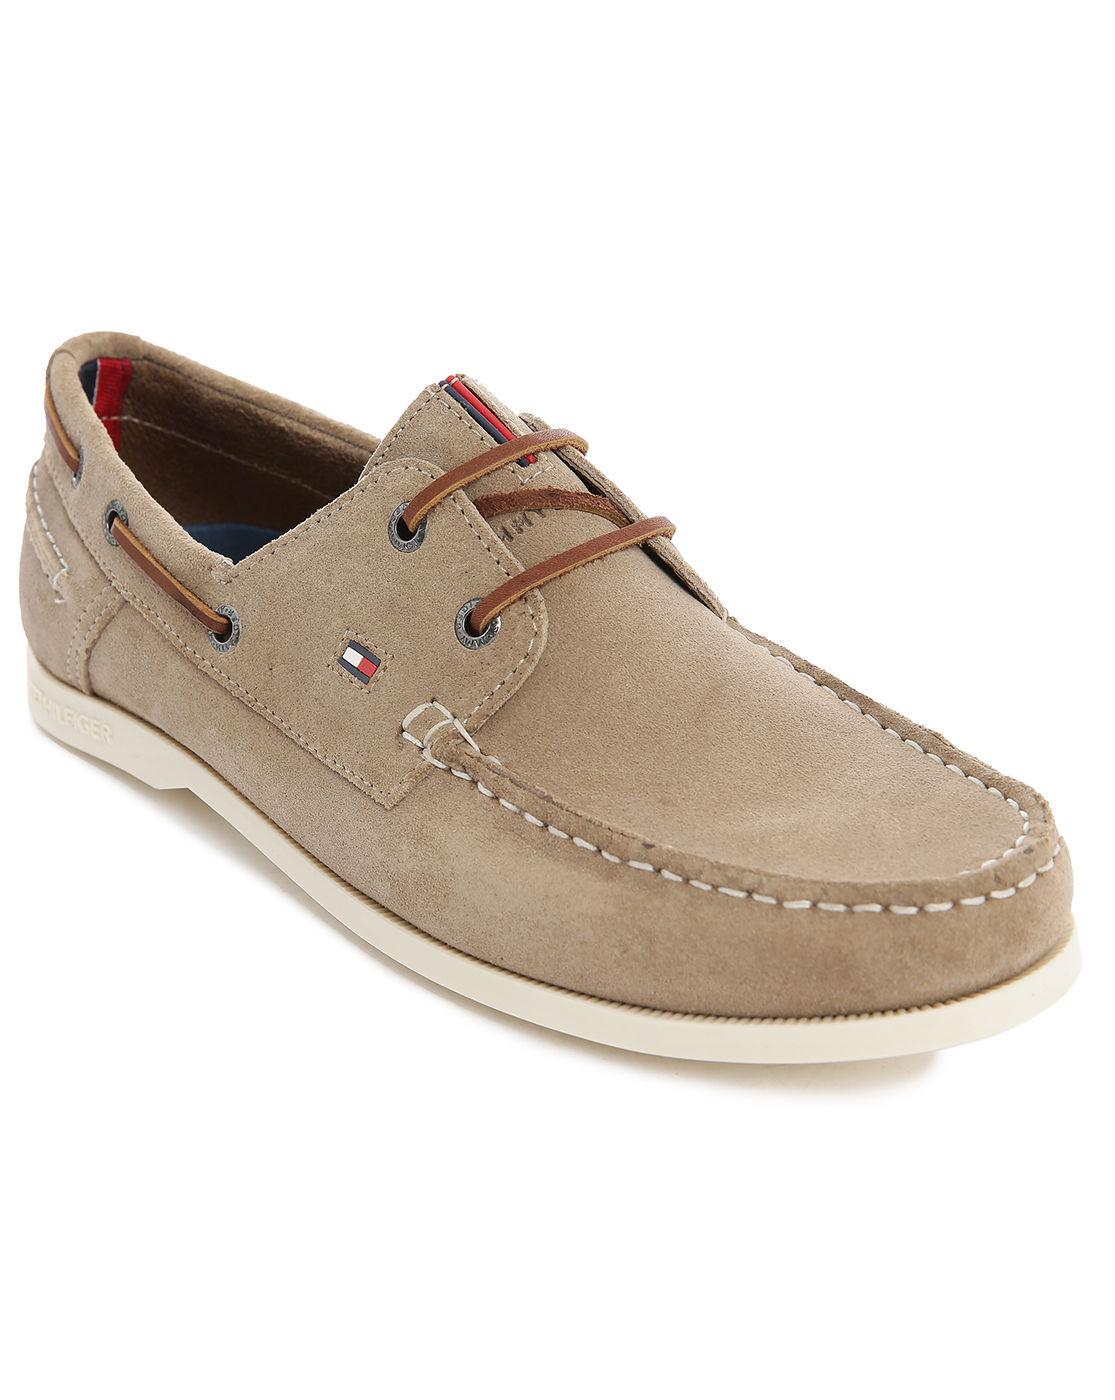 Men Tommmy Hilfiger Boat Shoes